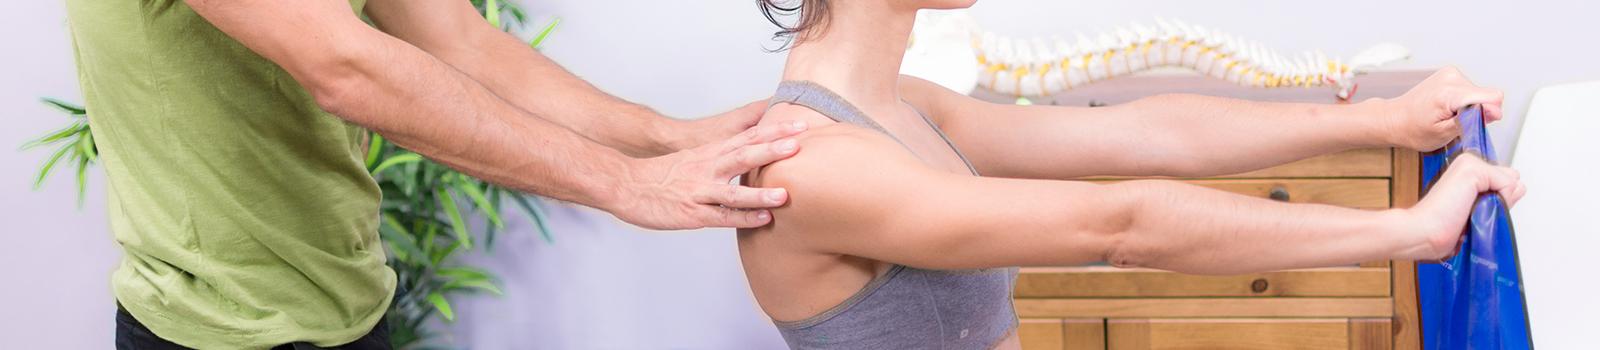 Entrenamiento excéntrico - Lesiones musculares - Ejercicio